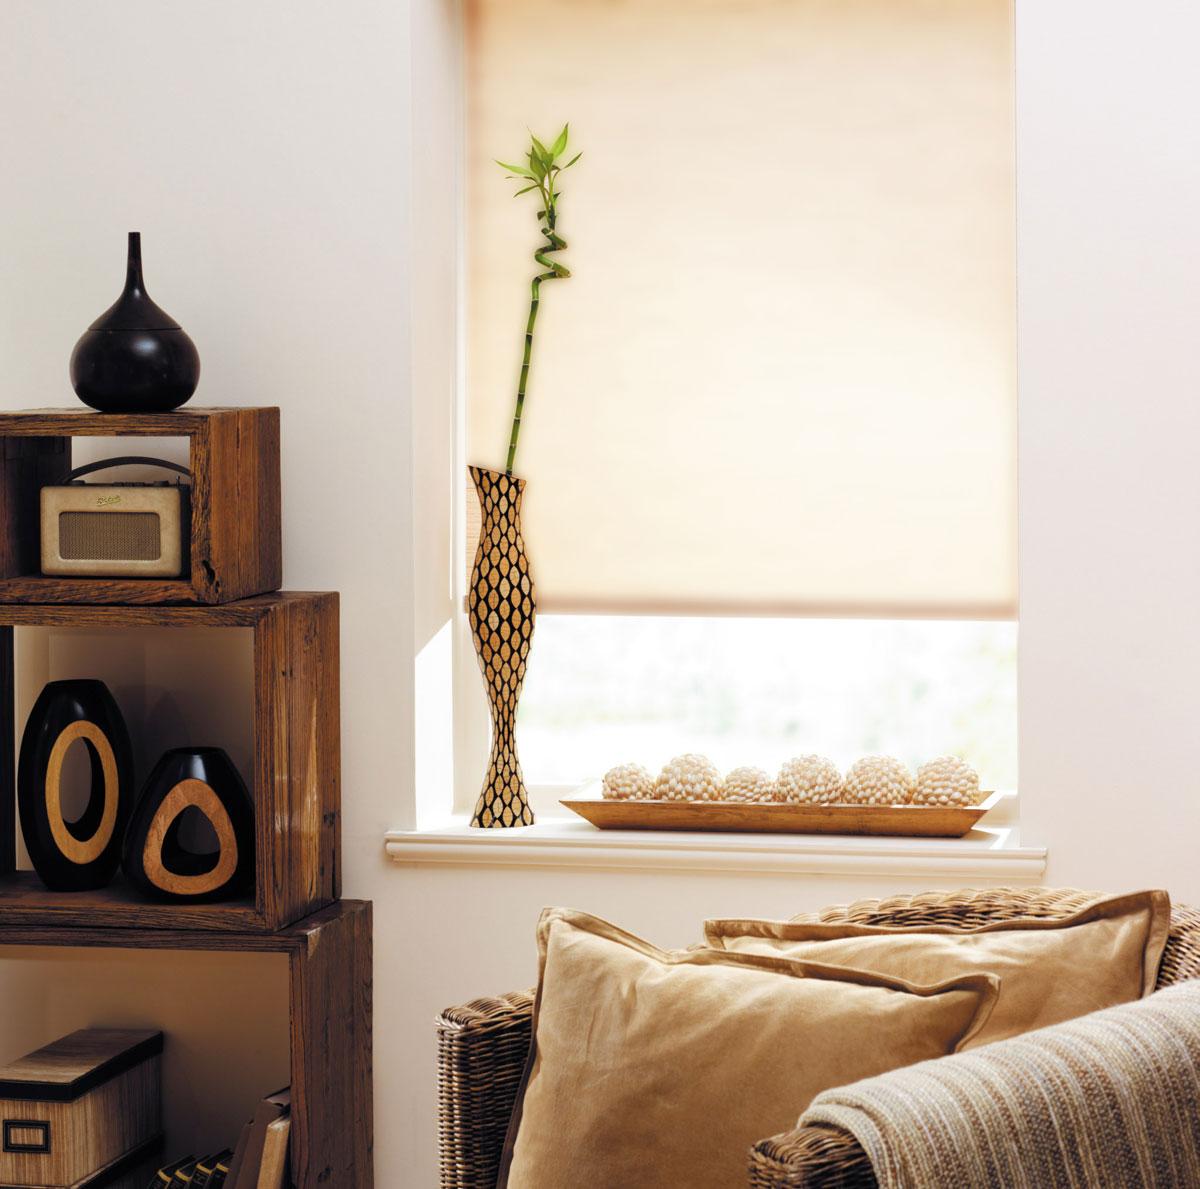 Миниролло KauffOrt 83х170 см, цвет: бежевый лен3083409Рулонная штора Миниролло выполнена из высокопрочной ткани бежевого цвета, которая сохраняет свой размер даже при намокании. Ткань не выцветает и обладает отличной цветоустойчивостью. Миниролло - это подвид рулонных штор, который закрывает не весь оконный проем, а непосредственно само стекло. Такие шторы крепятся на раму без сверления при помощи зажимов или клейкой двухсторонней ленты. Окно остаётся на гарантии, благодаря монтажу без сверления. Такая штора станет прекрасным элементом декора окна и гармонично впишется в интерьер любого помещения.